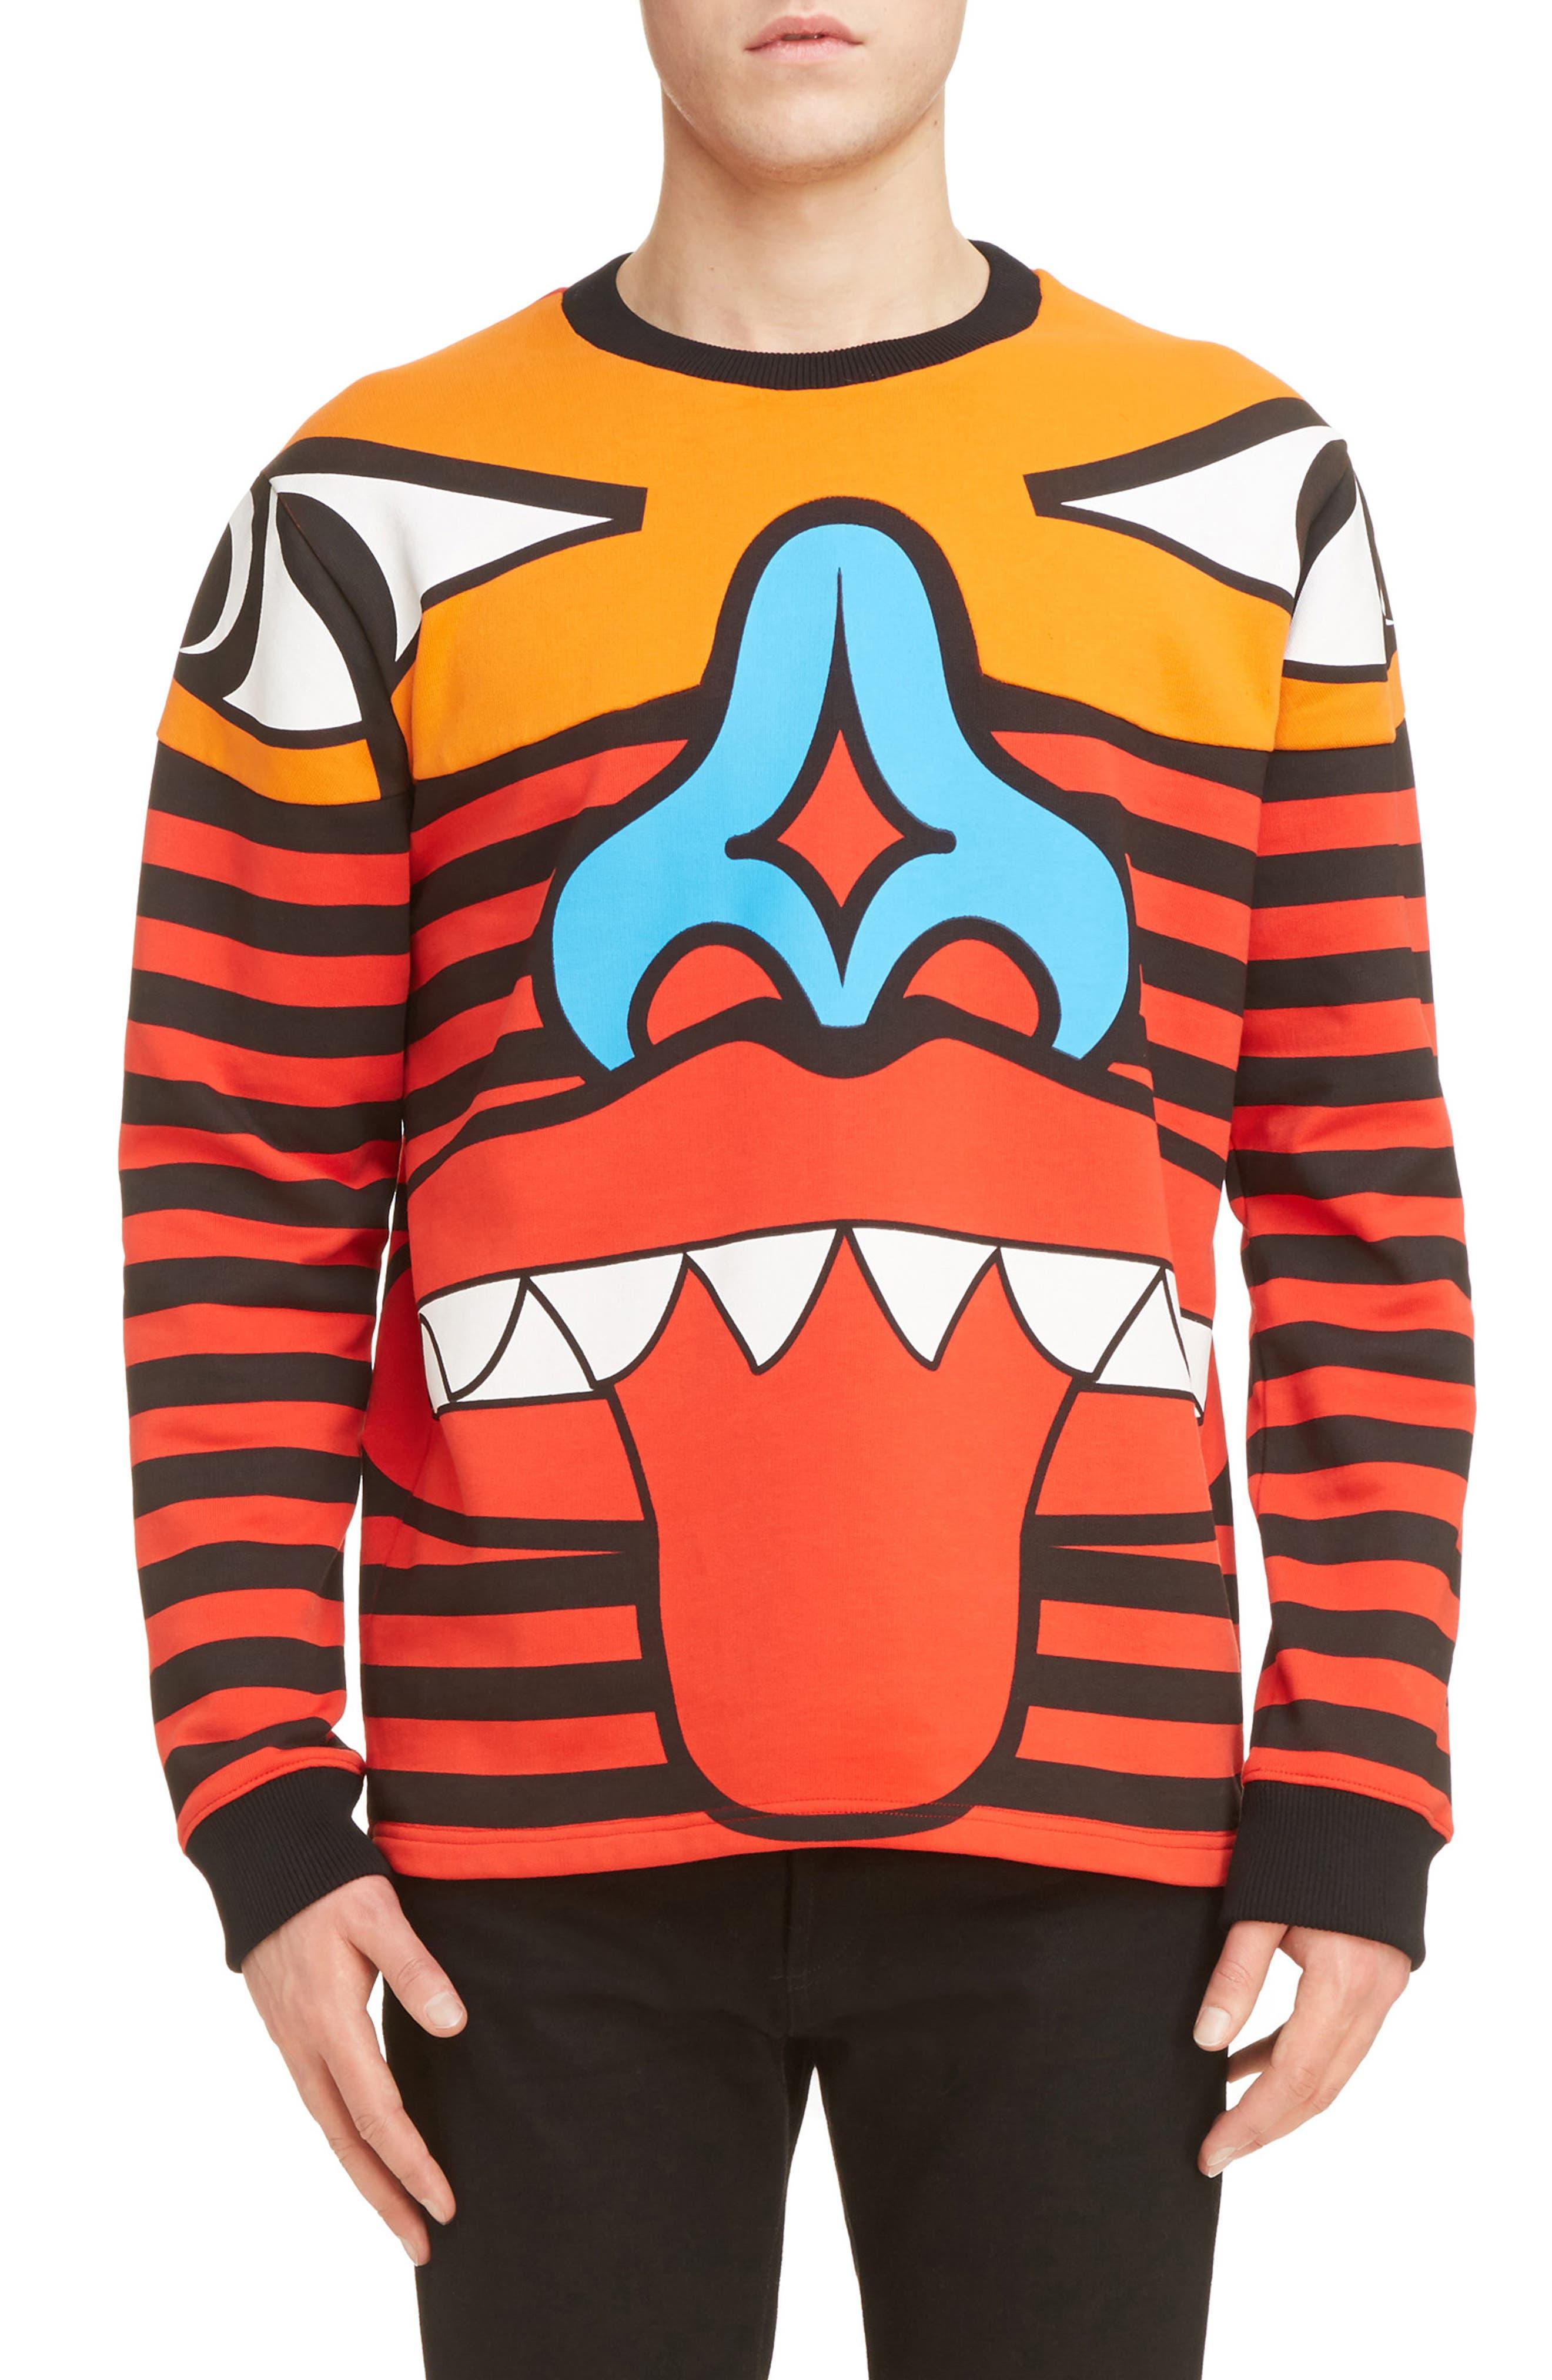 Givenchy Runway Totem Sweatshirt